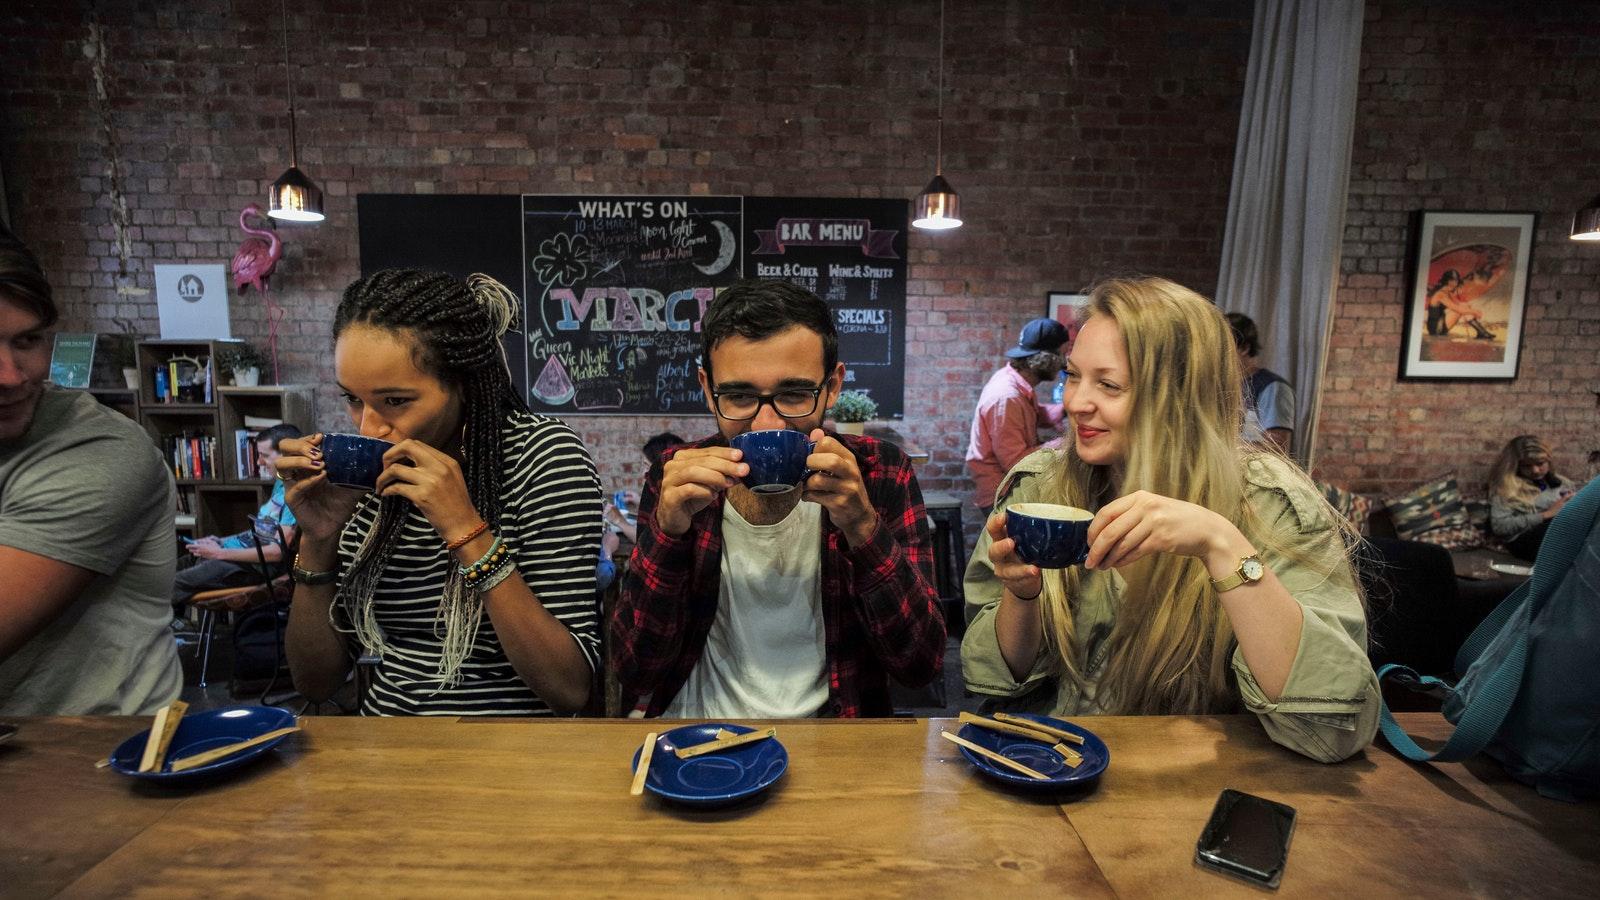 Melbourne Central YHA Cafe & Bar